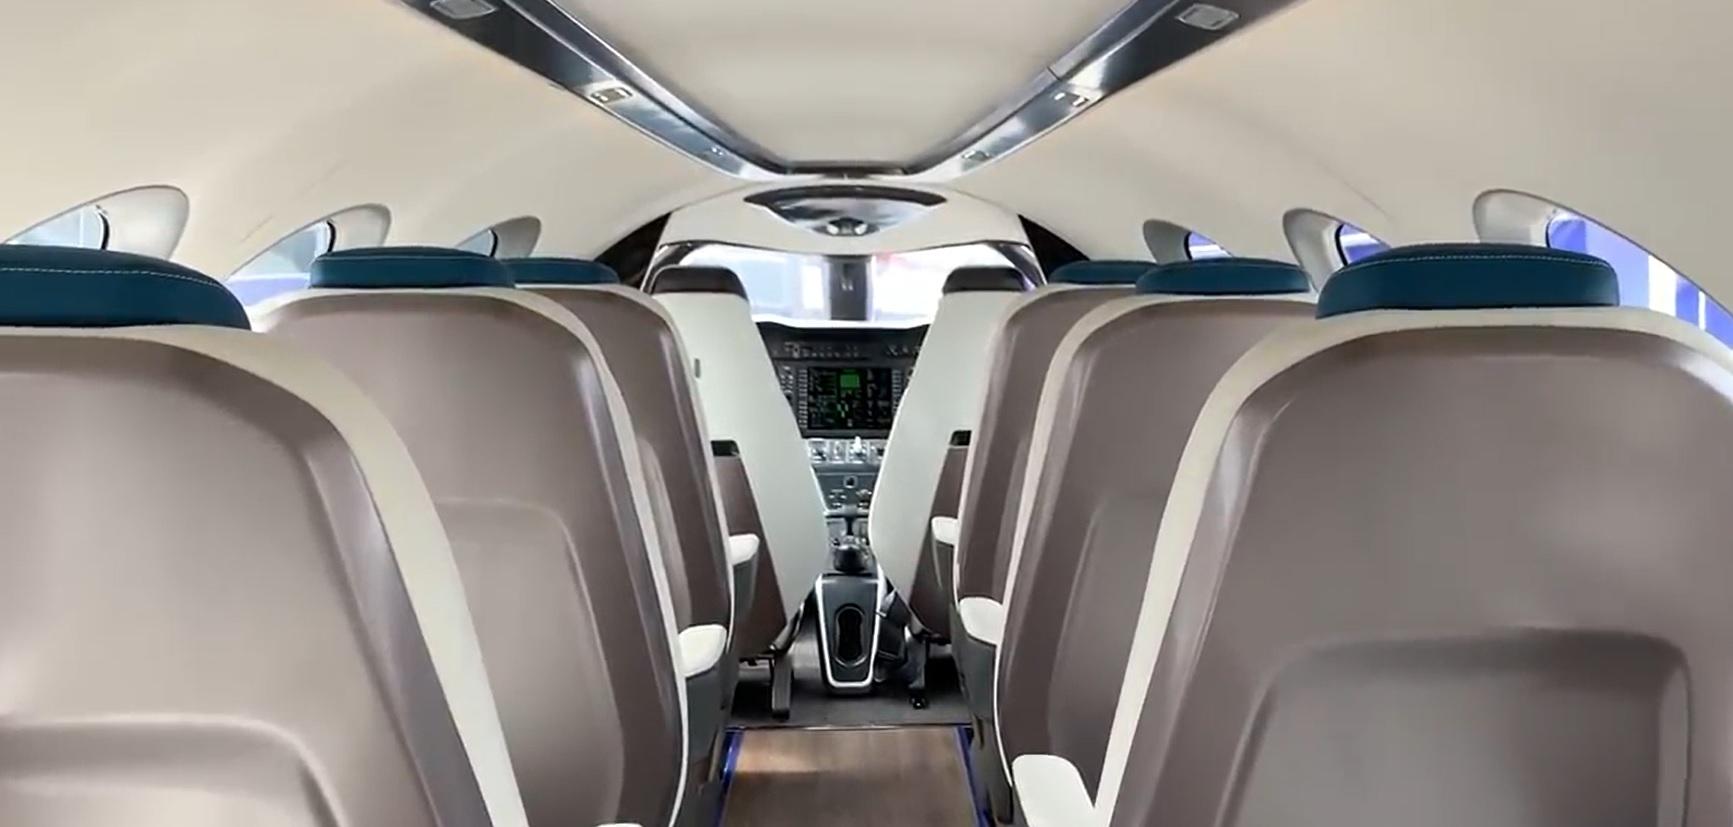 Imágenes reales del prototipo que a finales de 2019  efectuará las pruebas de vuelo